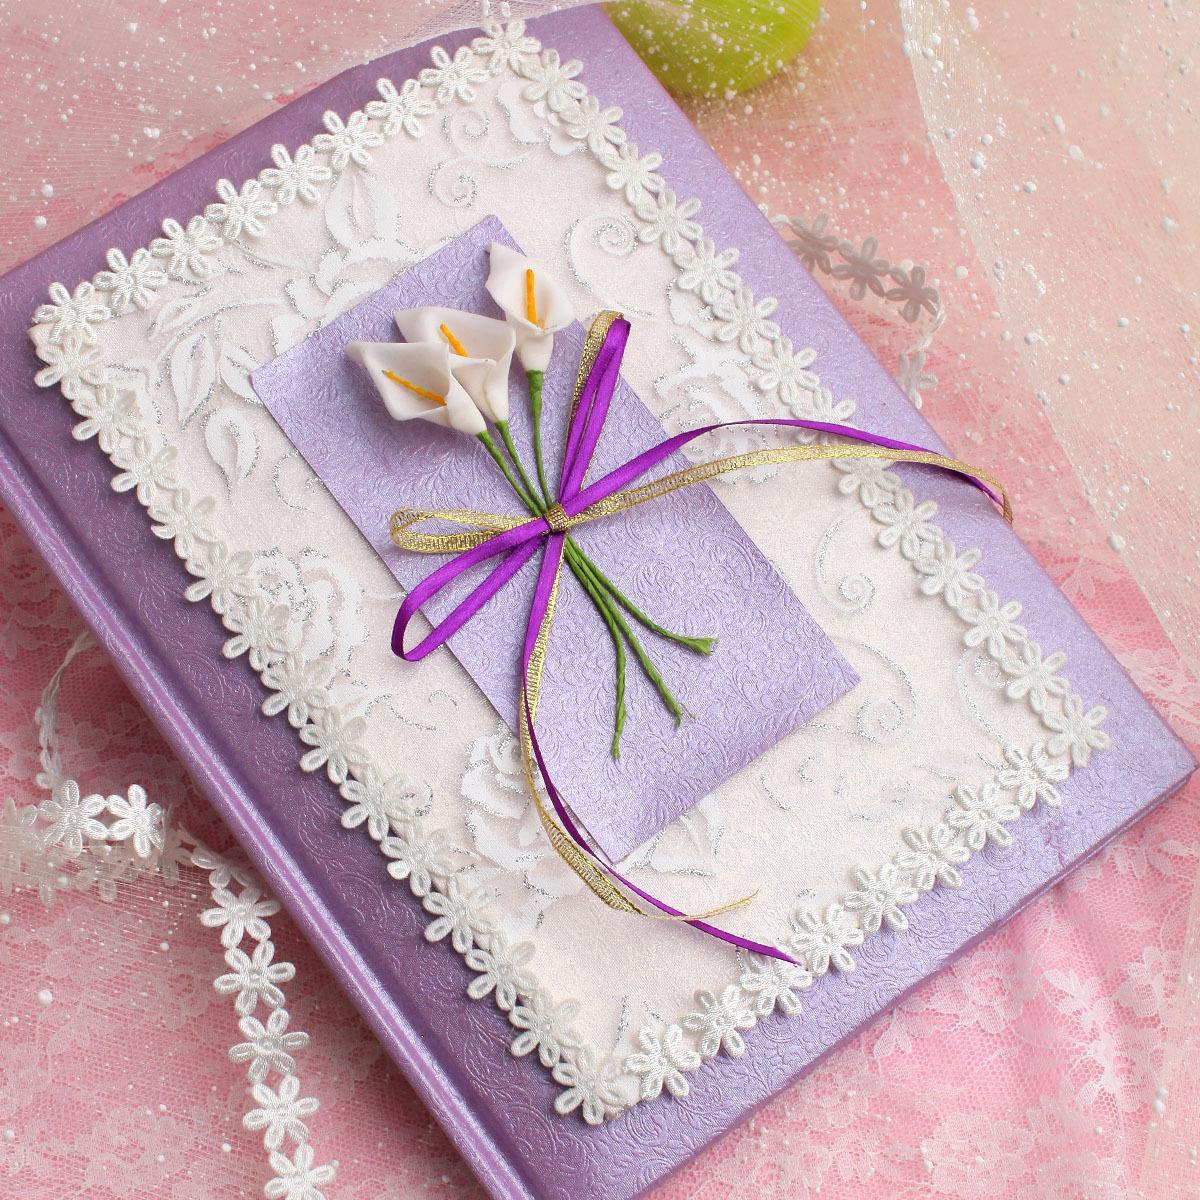 婚庆用品婚礼礼金册簿本签到签名题名本册带格欧式韩式创意紫色